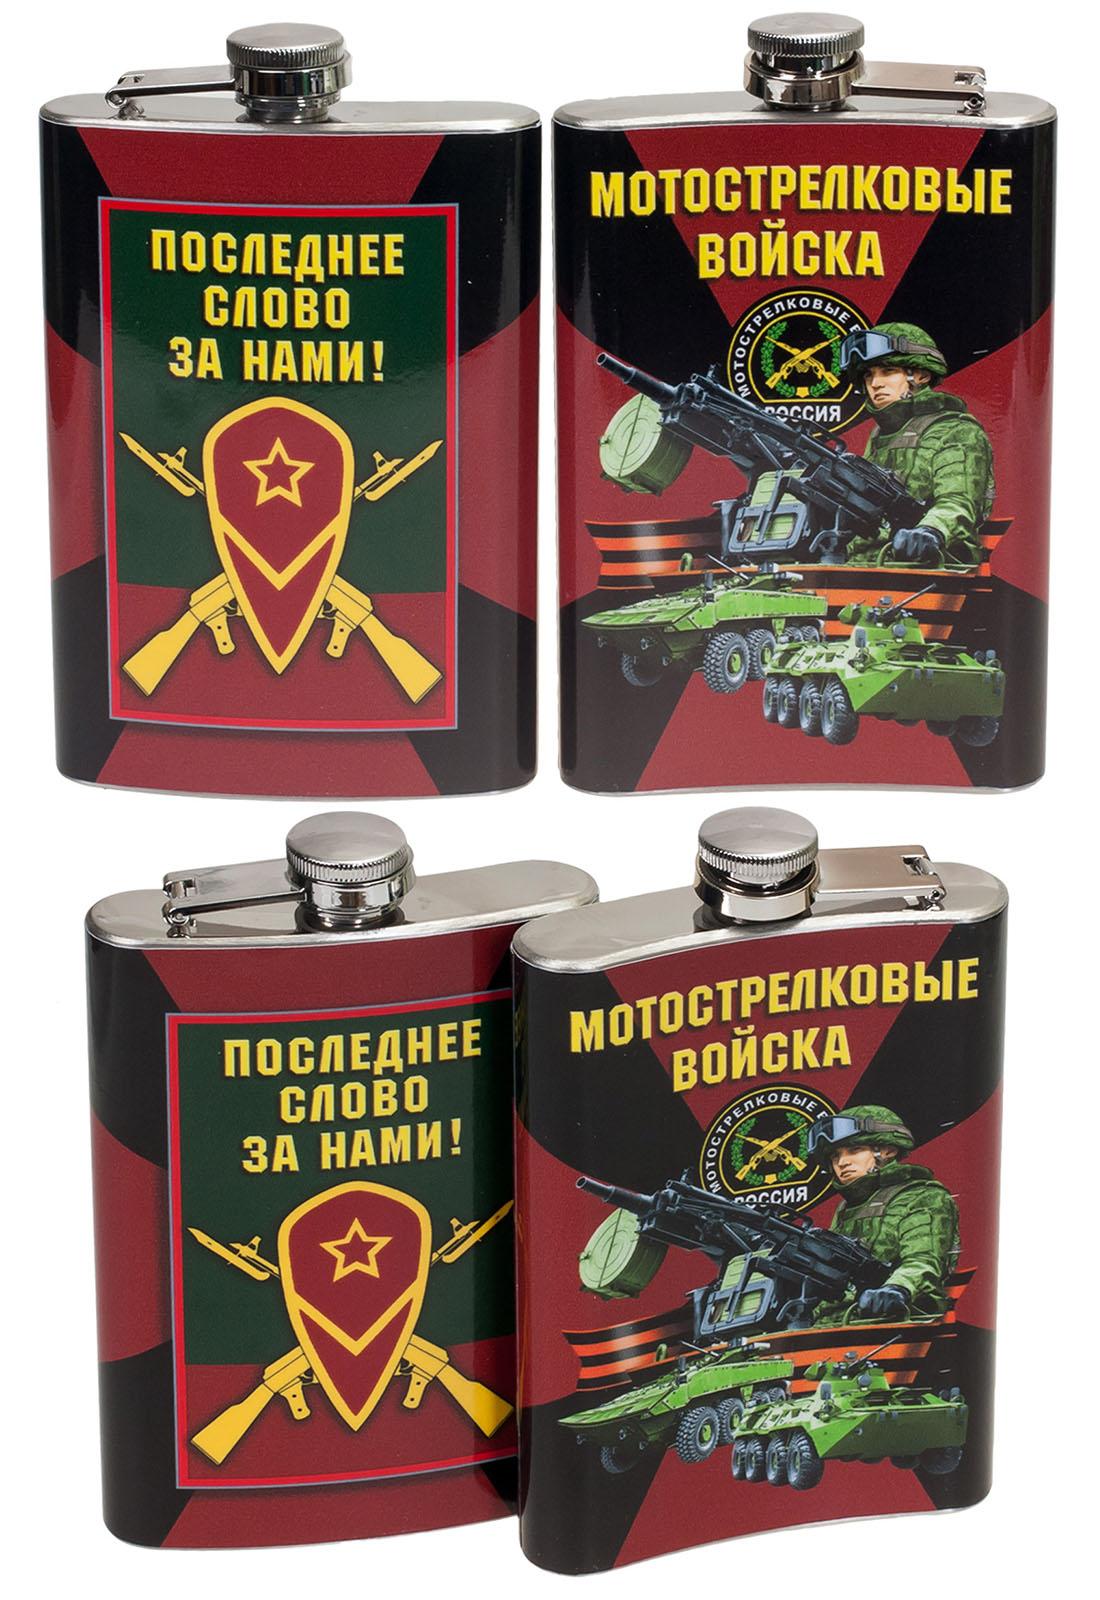 Фляжка Мотострелковые войска с доставкой